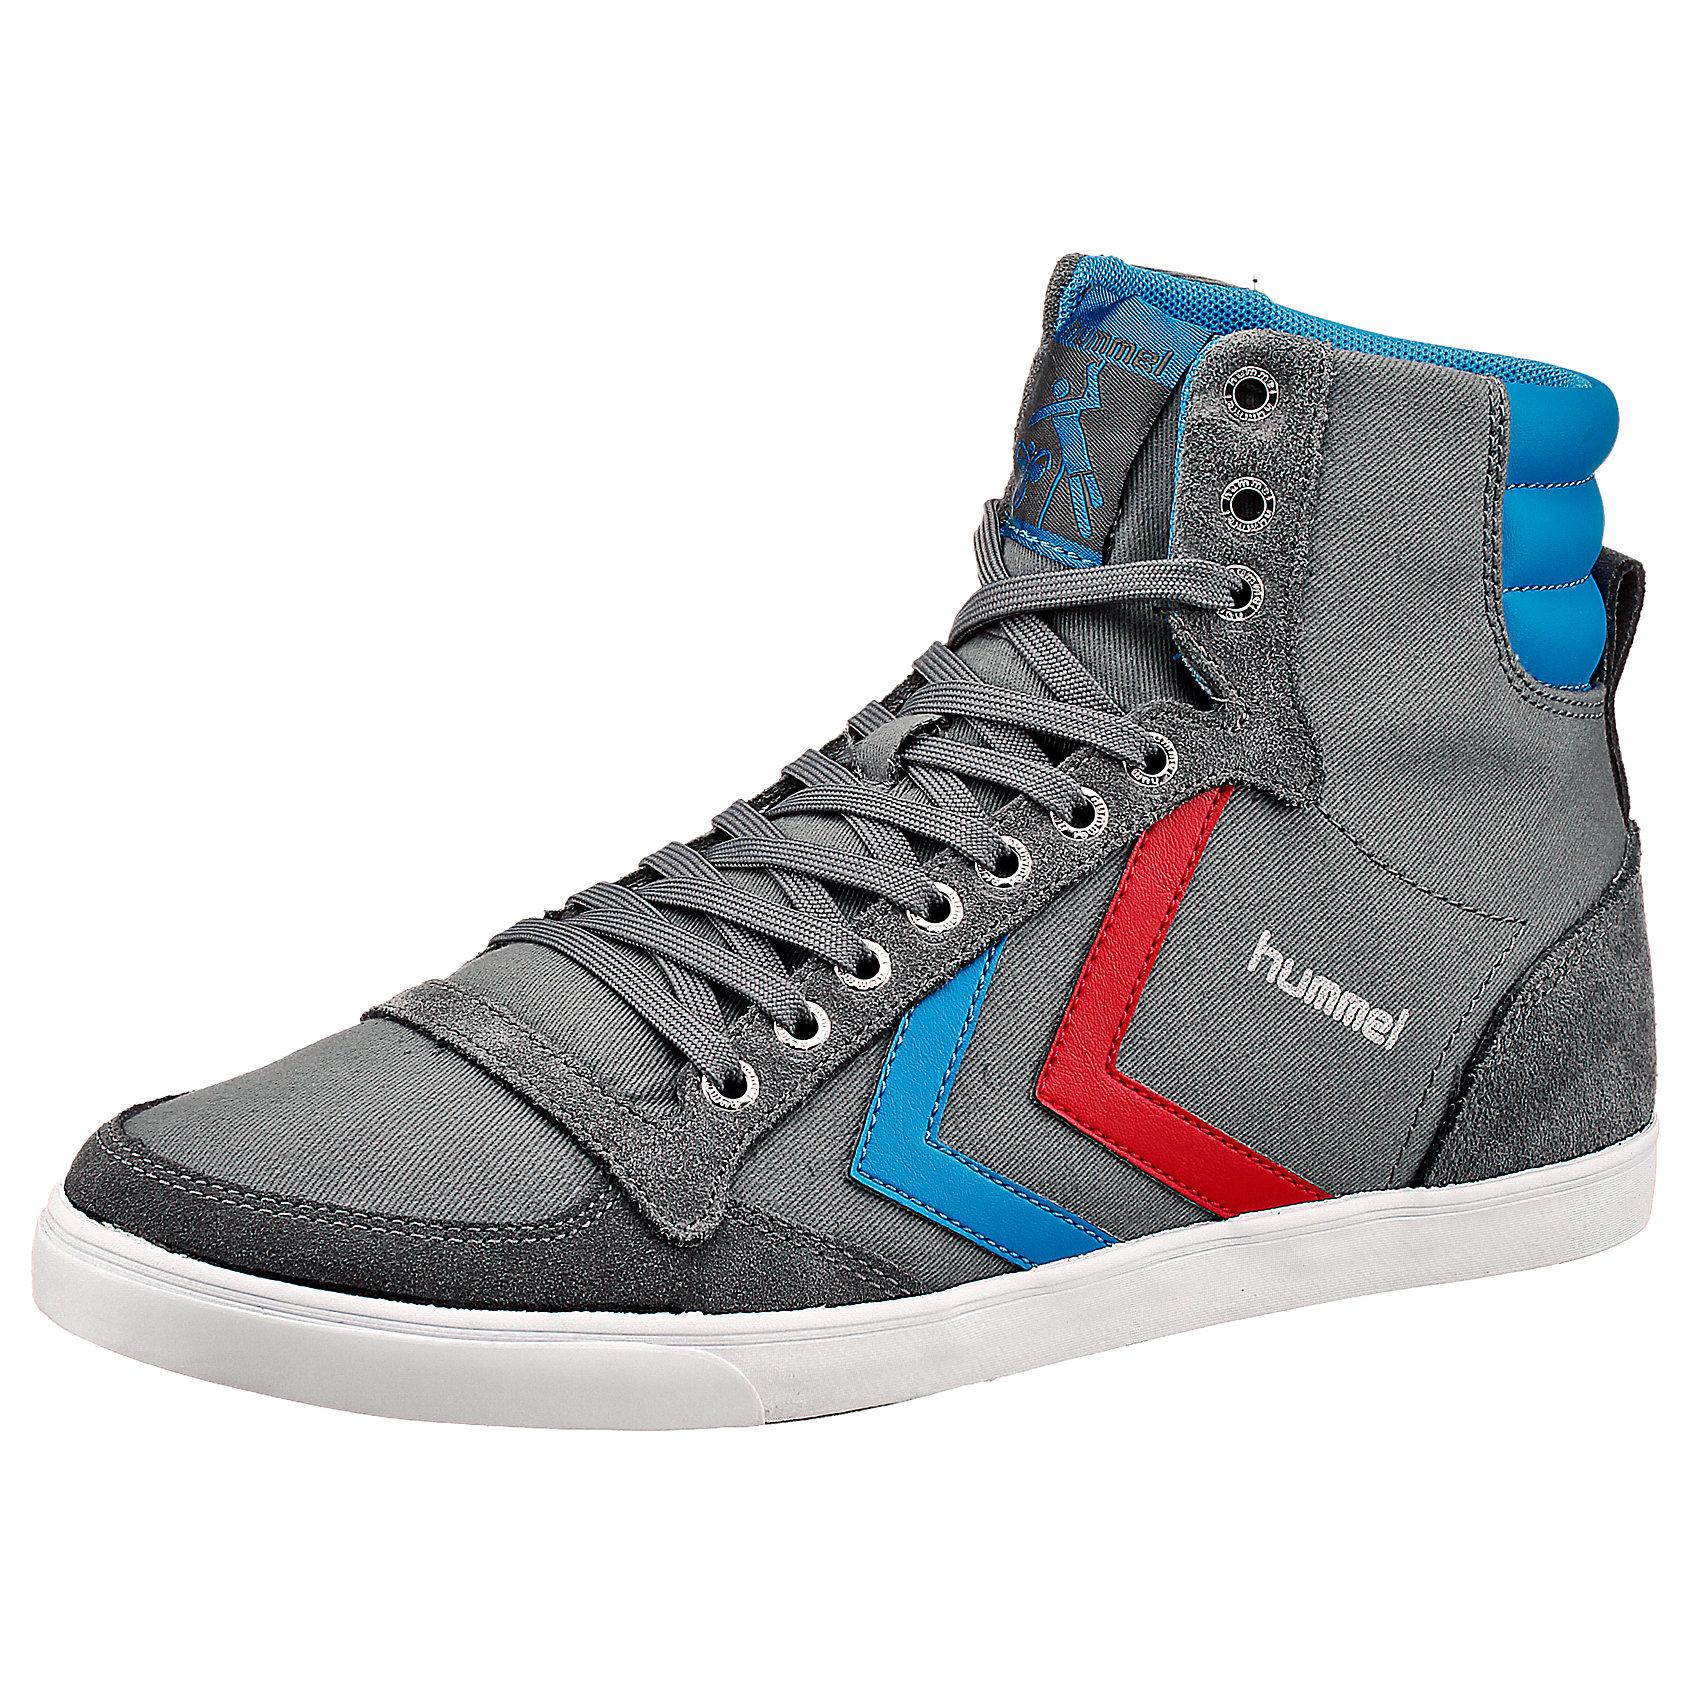 outlet store a4ce1 383da Details zu Neu hummel Slimmer Stadil High Sneakers 7117677 für Herren und  Damen